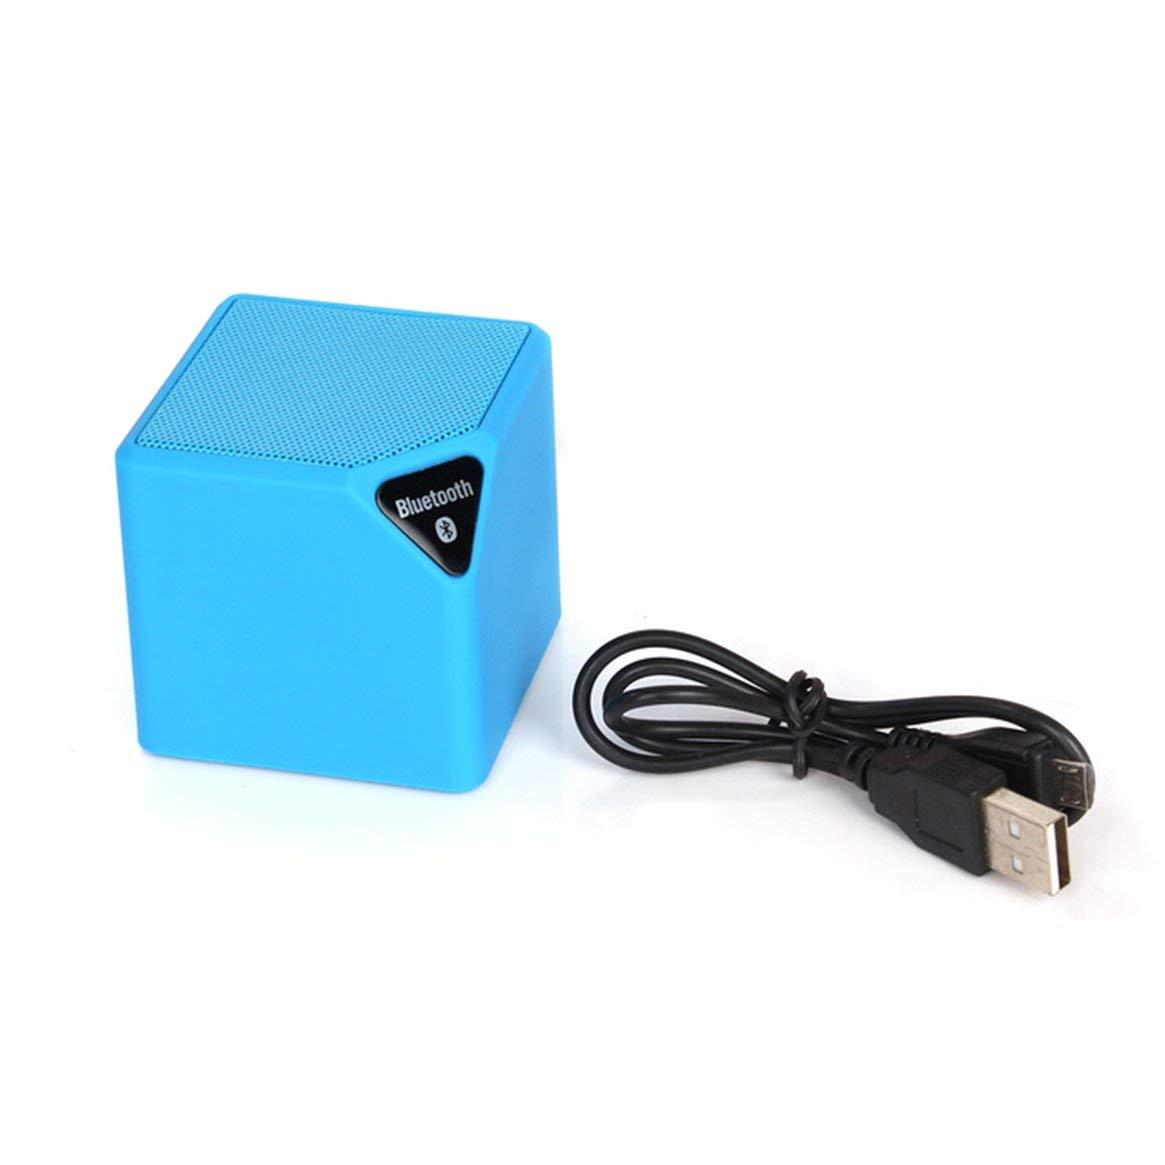 Mini Portatile Magic Cube Wireless Bluetooth Speaker Music Player FM Trasmettitore con Supporto per la Luce del LED TF Ingresso AUX Delicacydex